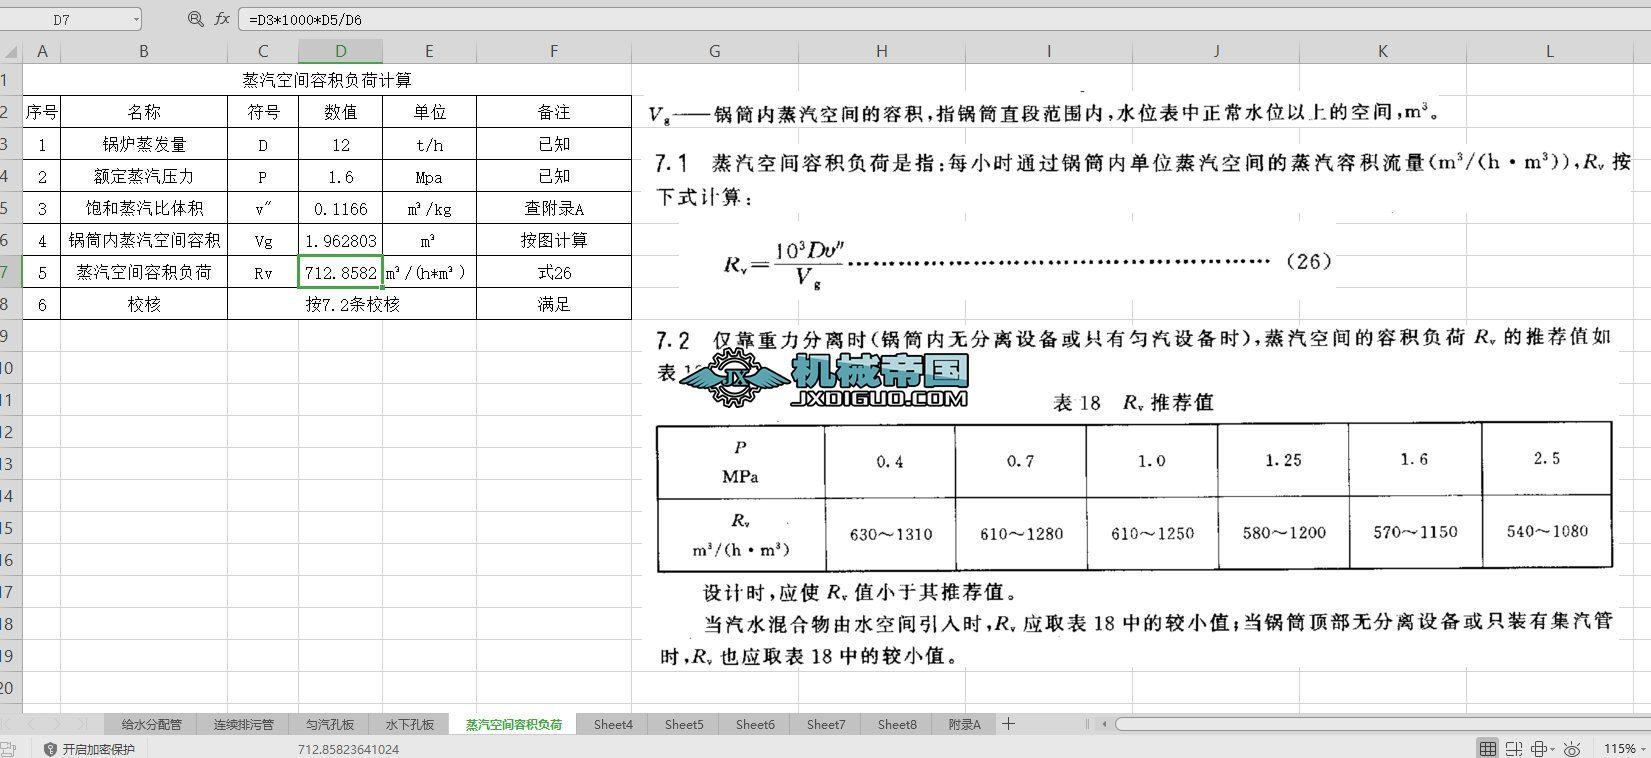 工业锅炉内部装置设计计算表格